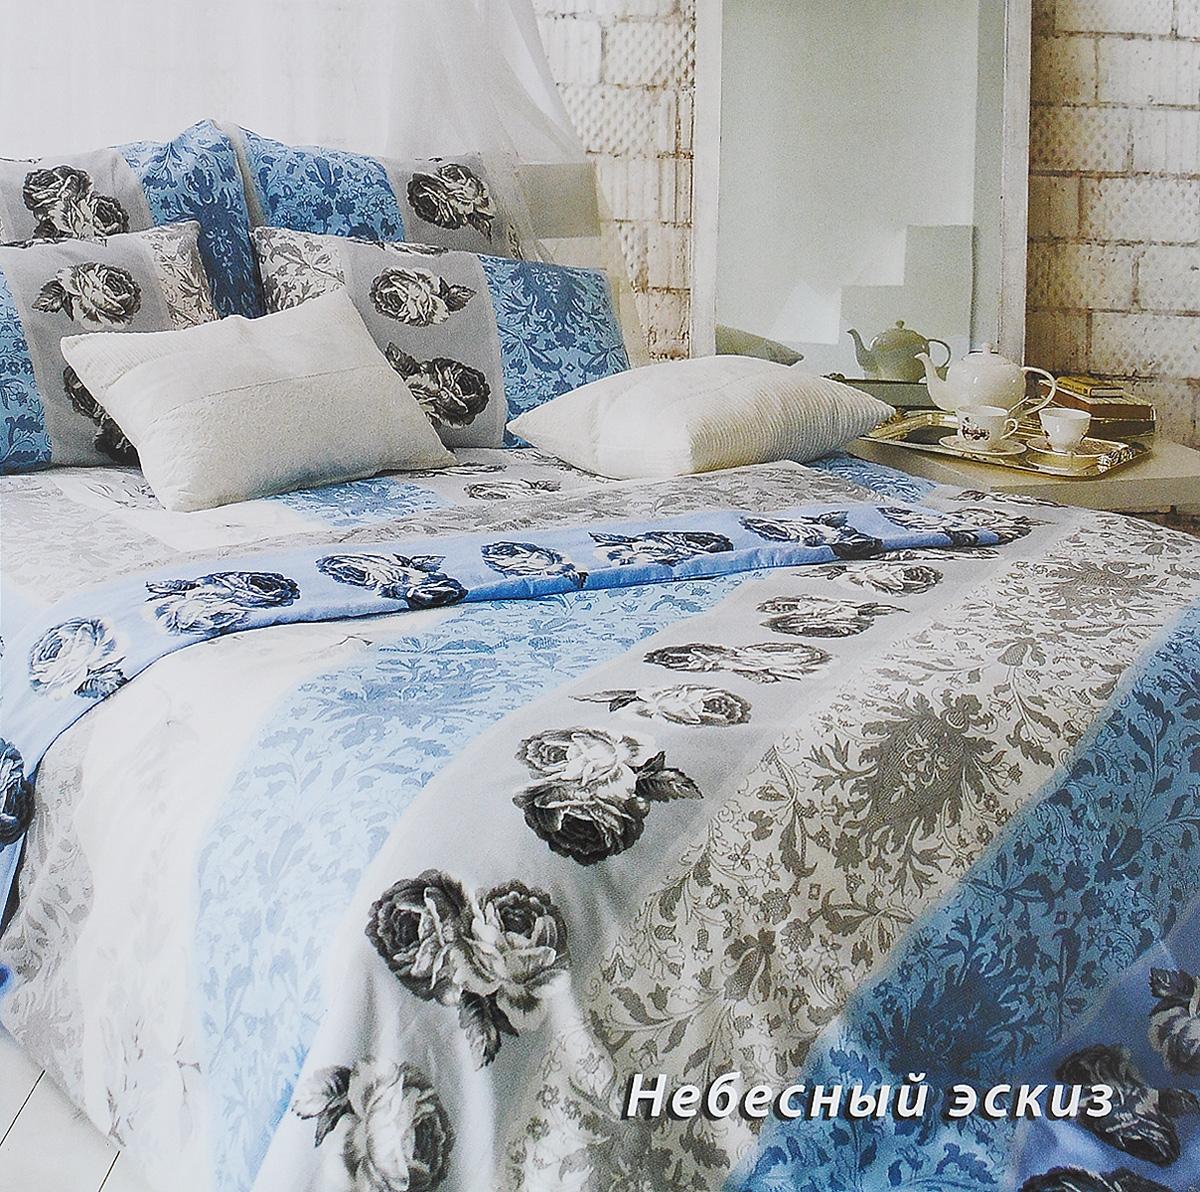 Комплект белья Tiffanys Secret Небесный эскиз, 1,5-спальный, наволочки 70х70, цвет: голубой, белый, серый2040815159Комплект постельного белья Tiffanys Secret Небесный эскиз является экологически безопасным для всей семьи, так как выполнен из сатина (100% хлопок). Комплект состоит из пододеяльника, простыни и двух наволочек. Предметы комплекта оформлены оригинальным рисунком. Благодаря такому комплекту постельного белья вы сможете создать атмосферу уюта и комфорта в вашей спальне. Сатин - это ткань, навсегда покорившая сердца человечества. Ценившие роскошь персы называли ее атлас, а искушенные в прекрасном французы - сатин. Секрет высококачественного сатина в безупречности всего технологического процесса. Эту благородную ткань делают только из отборной натуральной пряжи, которую получают из самого лучшего тонковолокнистого хлопка. Благодаря использованию самой тонкой хлопковой нити получается необычайно мягкое и нежное полотно. Сатиновое постельное белье превращает жаркие летние ночи в прохладные и освежающие, а холодные зимние - в теплые и согревающие. ...